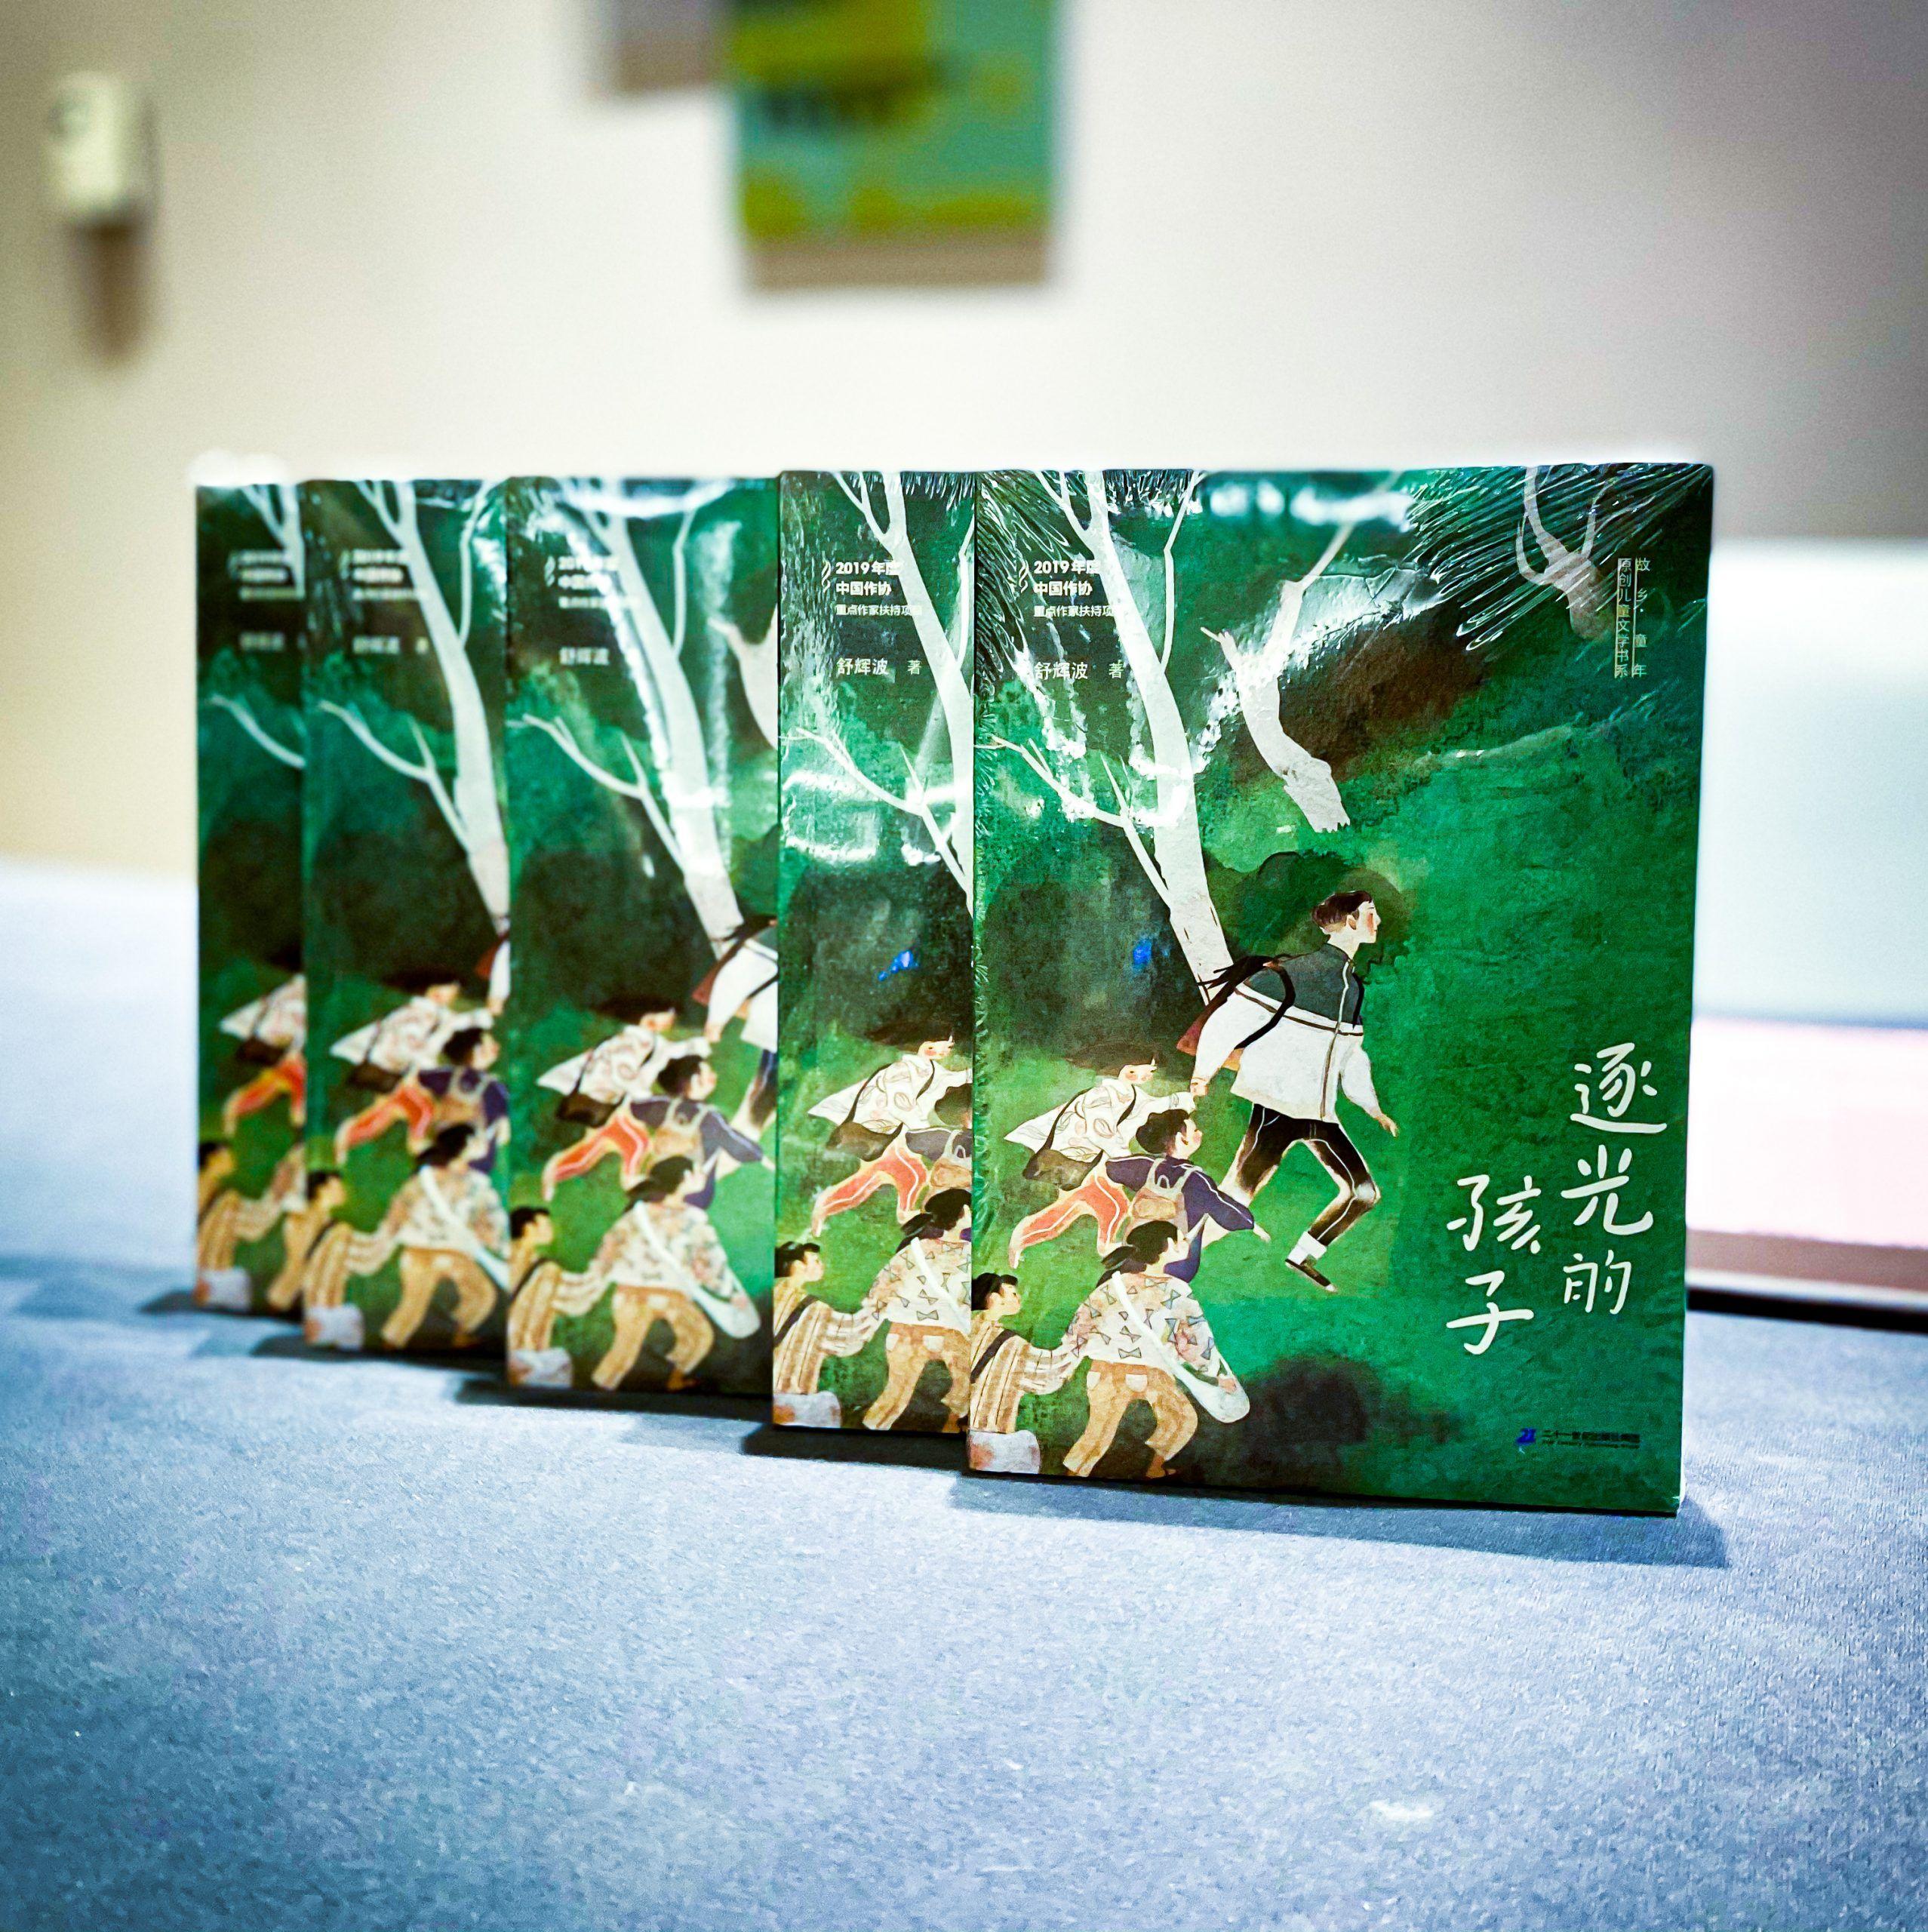 那些逐光的人,自己也成了光——《逐光的孩子》作品研讨会在京举行